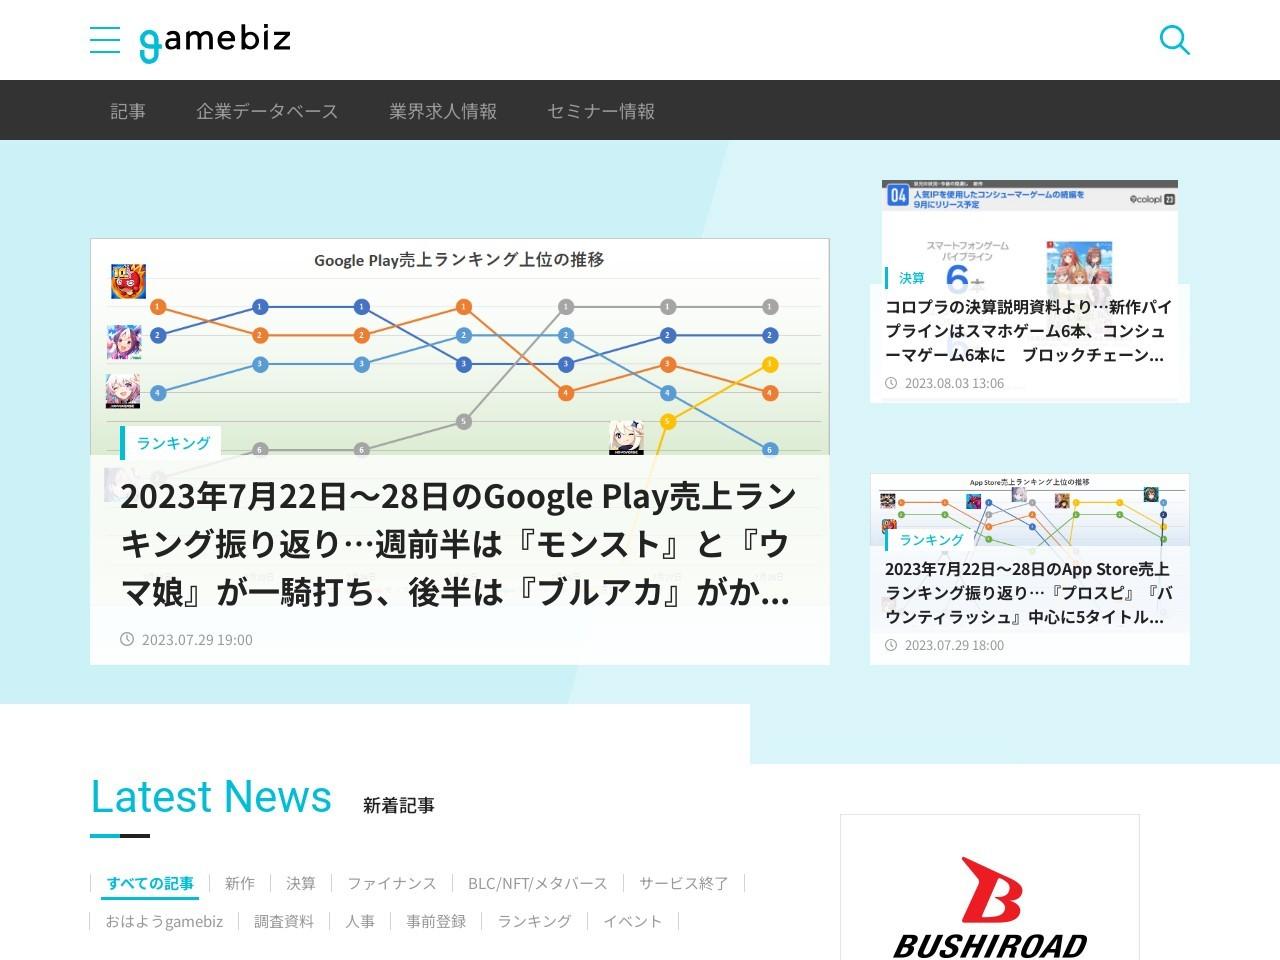 【dアニメストア調査】「ダンまちII」が夏アニメ人気投票の視聴継続で1位に 「ありふれた職業で世界最強」が …